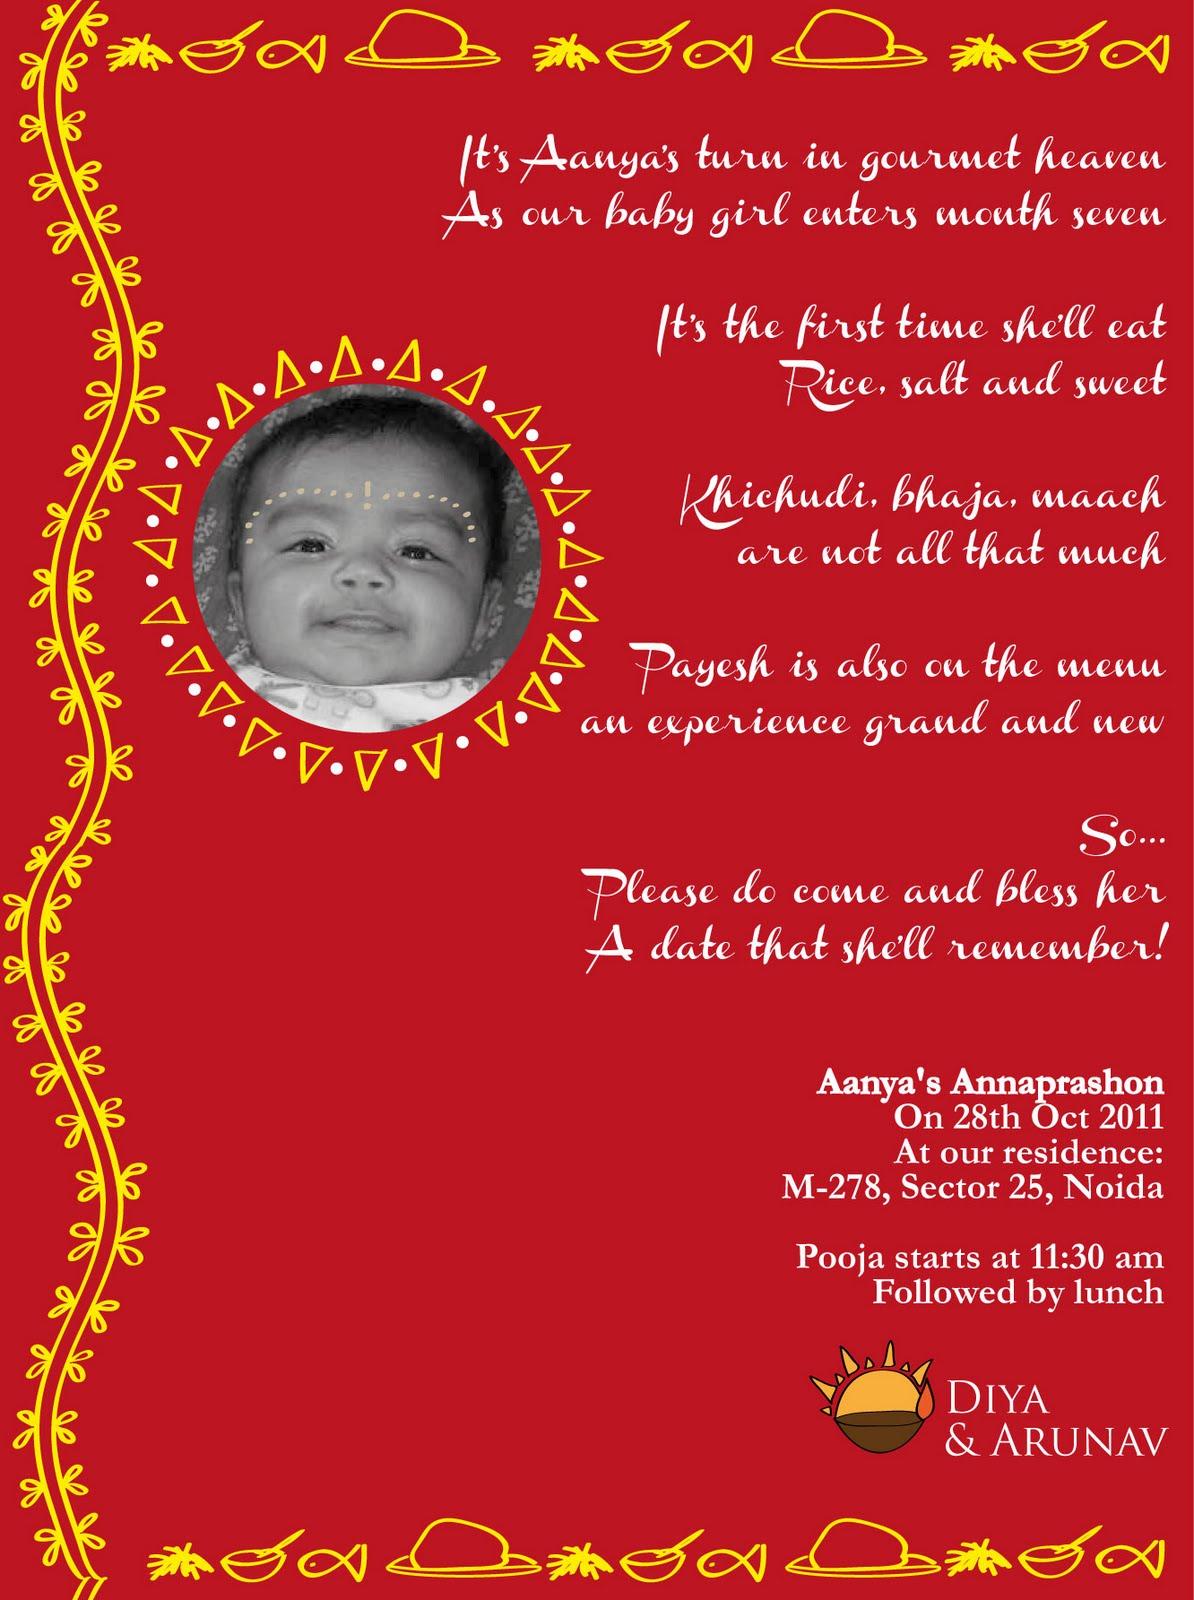 6 Annaprasan Invitation Card Matter In Hindi Hindi Matter